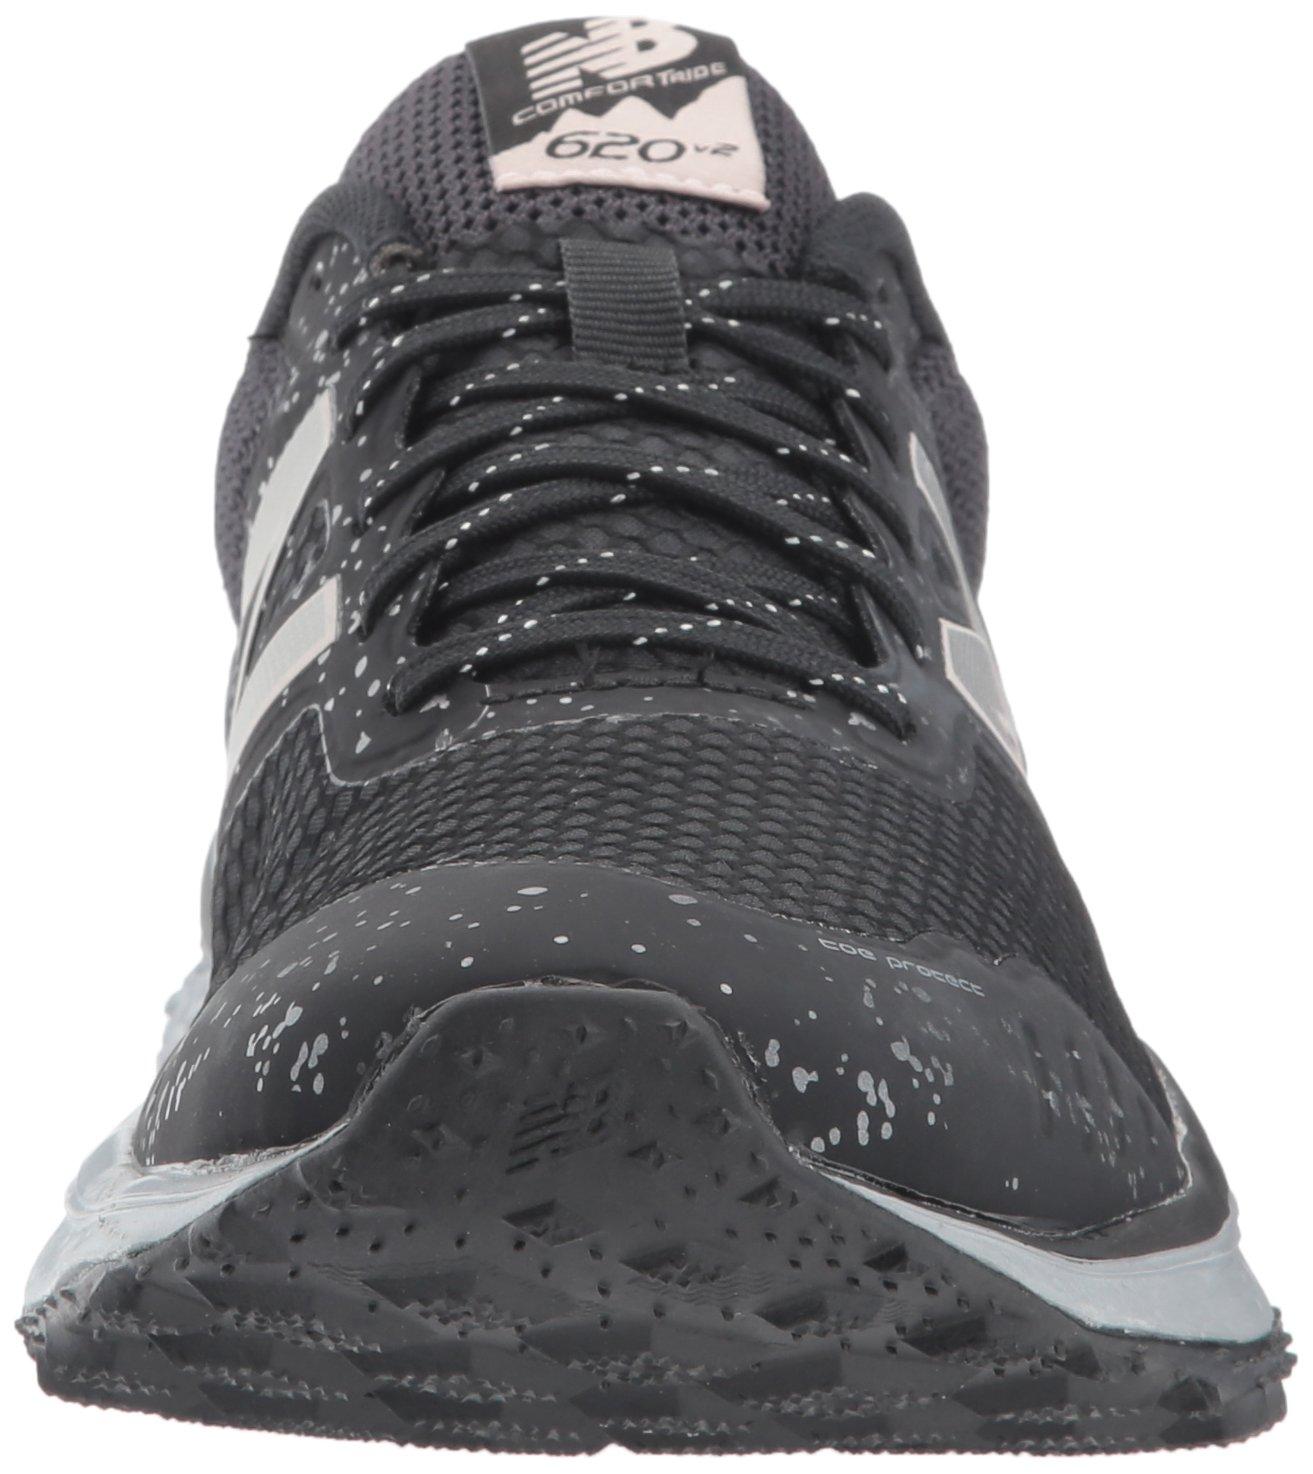 New Balance Women's W620v2 Trail Running Shoe B01MQZQJQD 5.5 B(M) US|Black/Silver